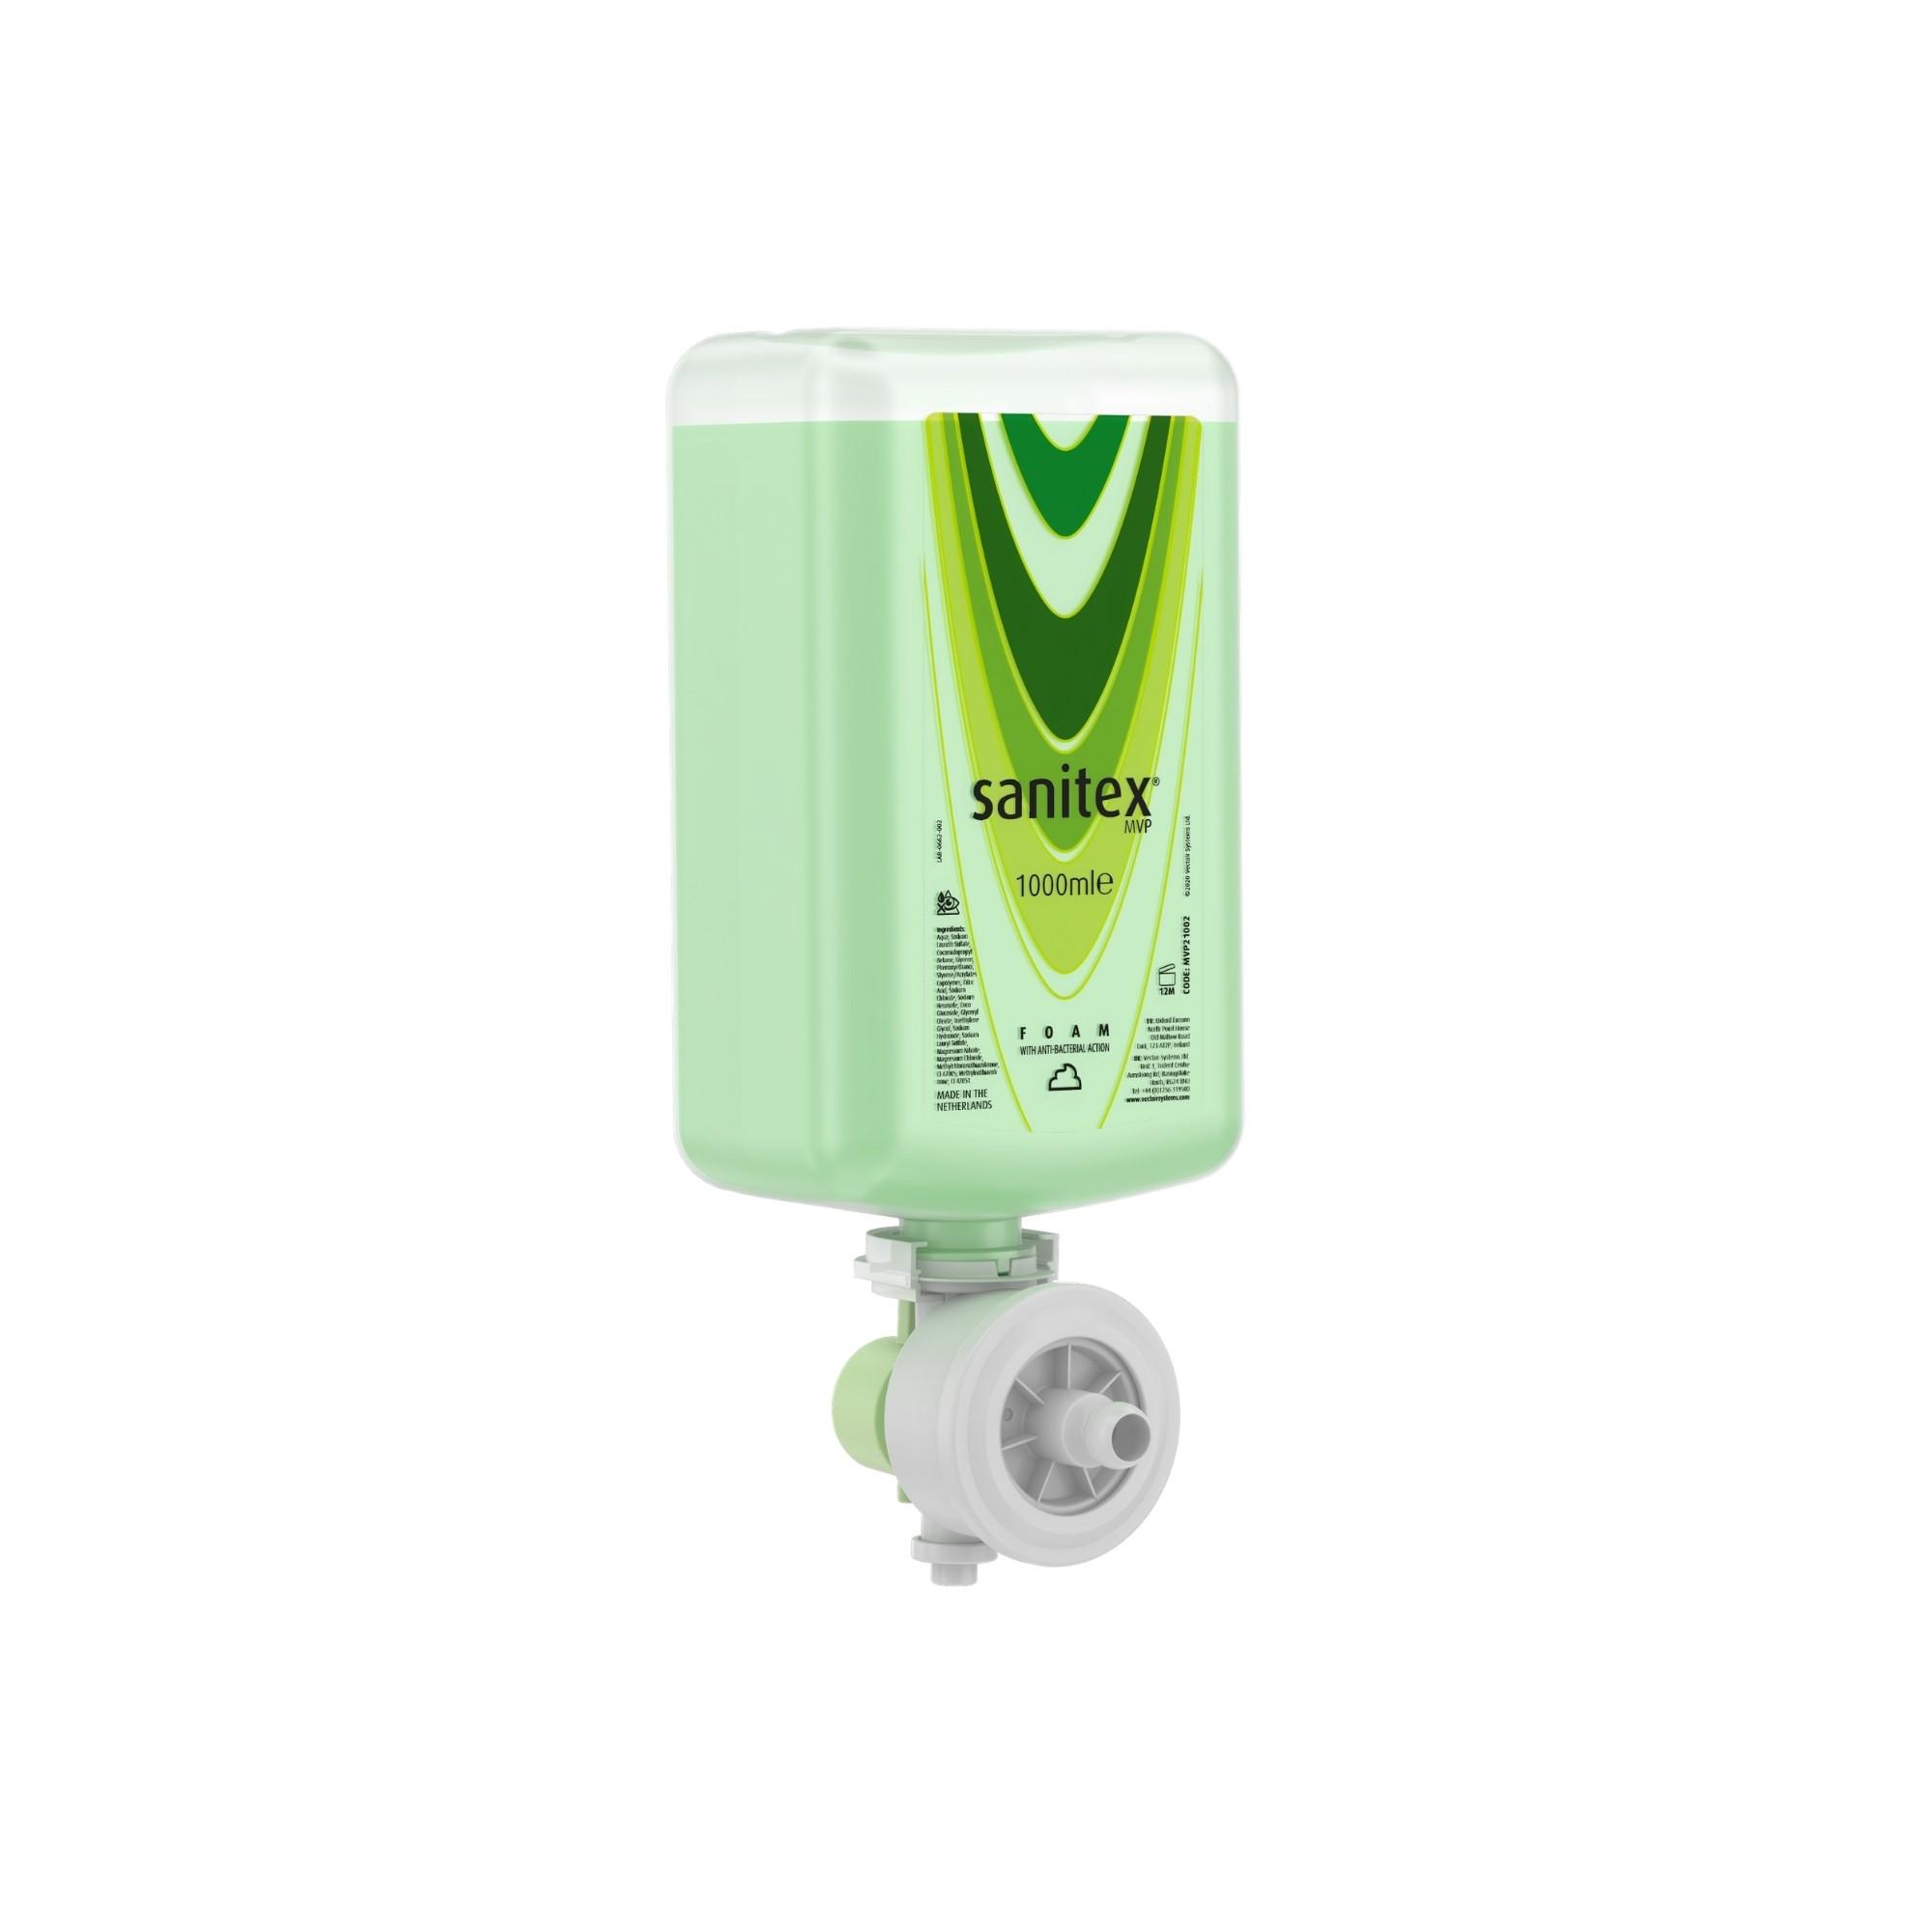 Sanitex® MVP Soap Refills